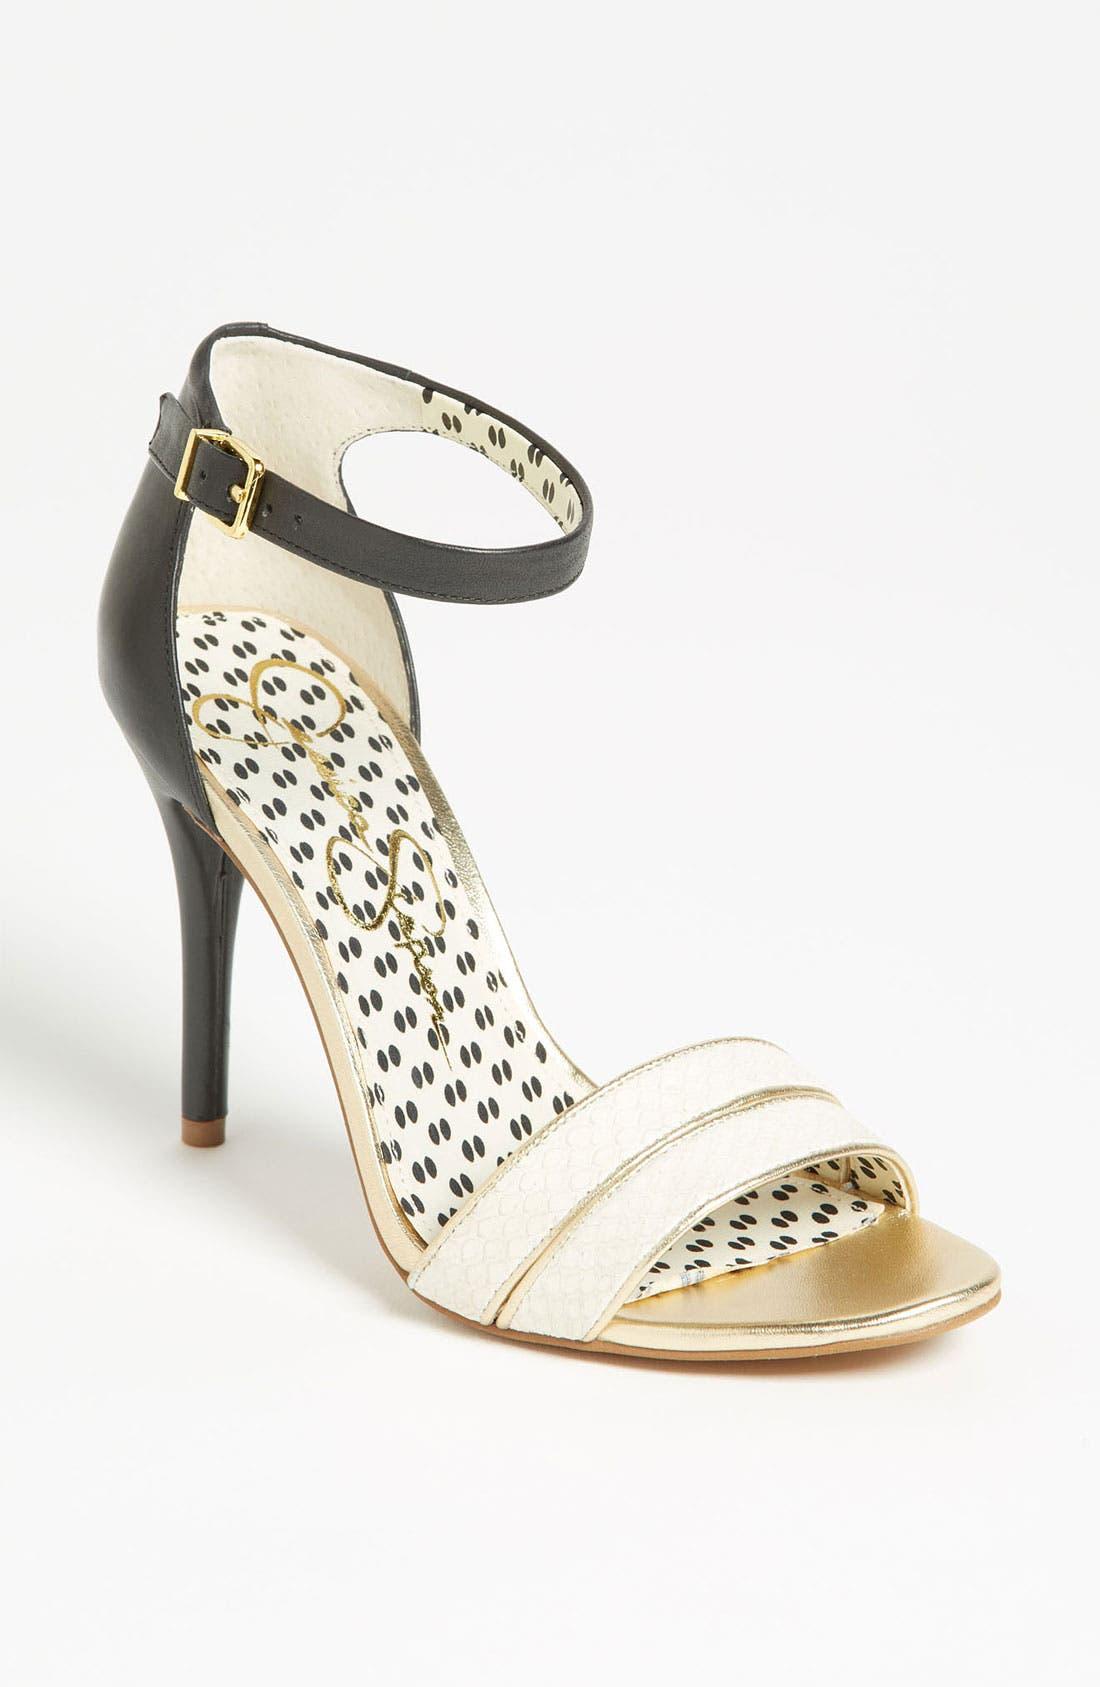 Alternate Image 1 Selected - Jessica Simpson 'Jessies' Sandal